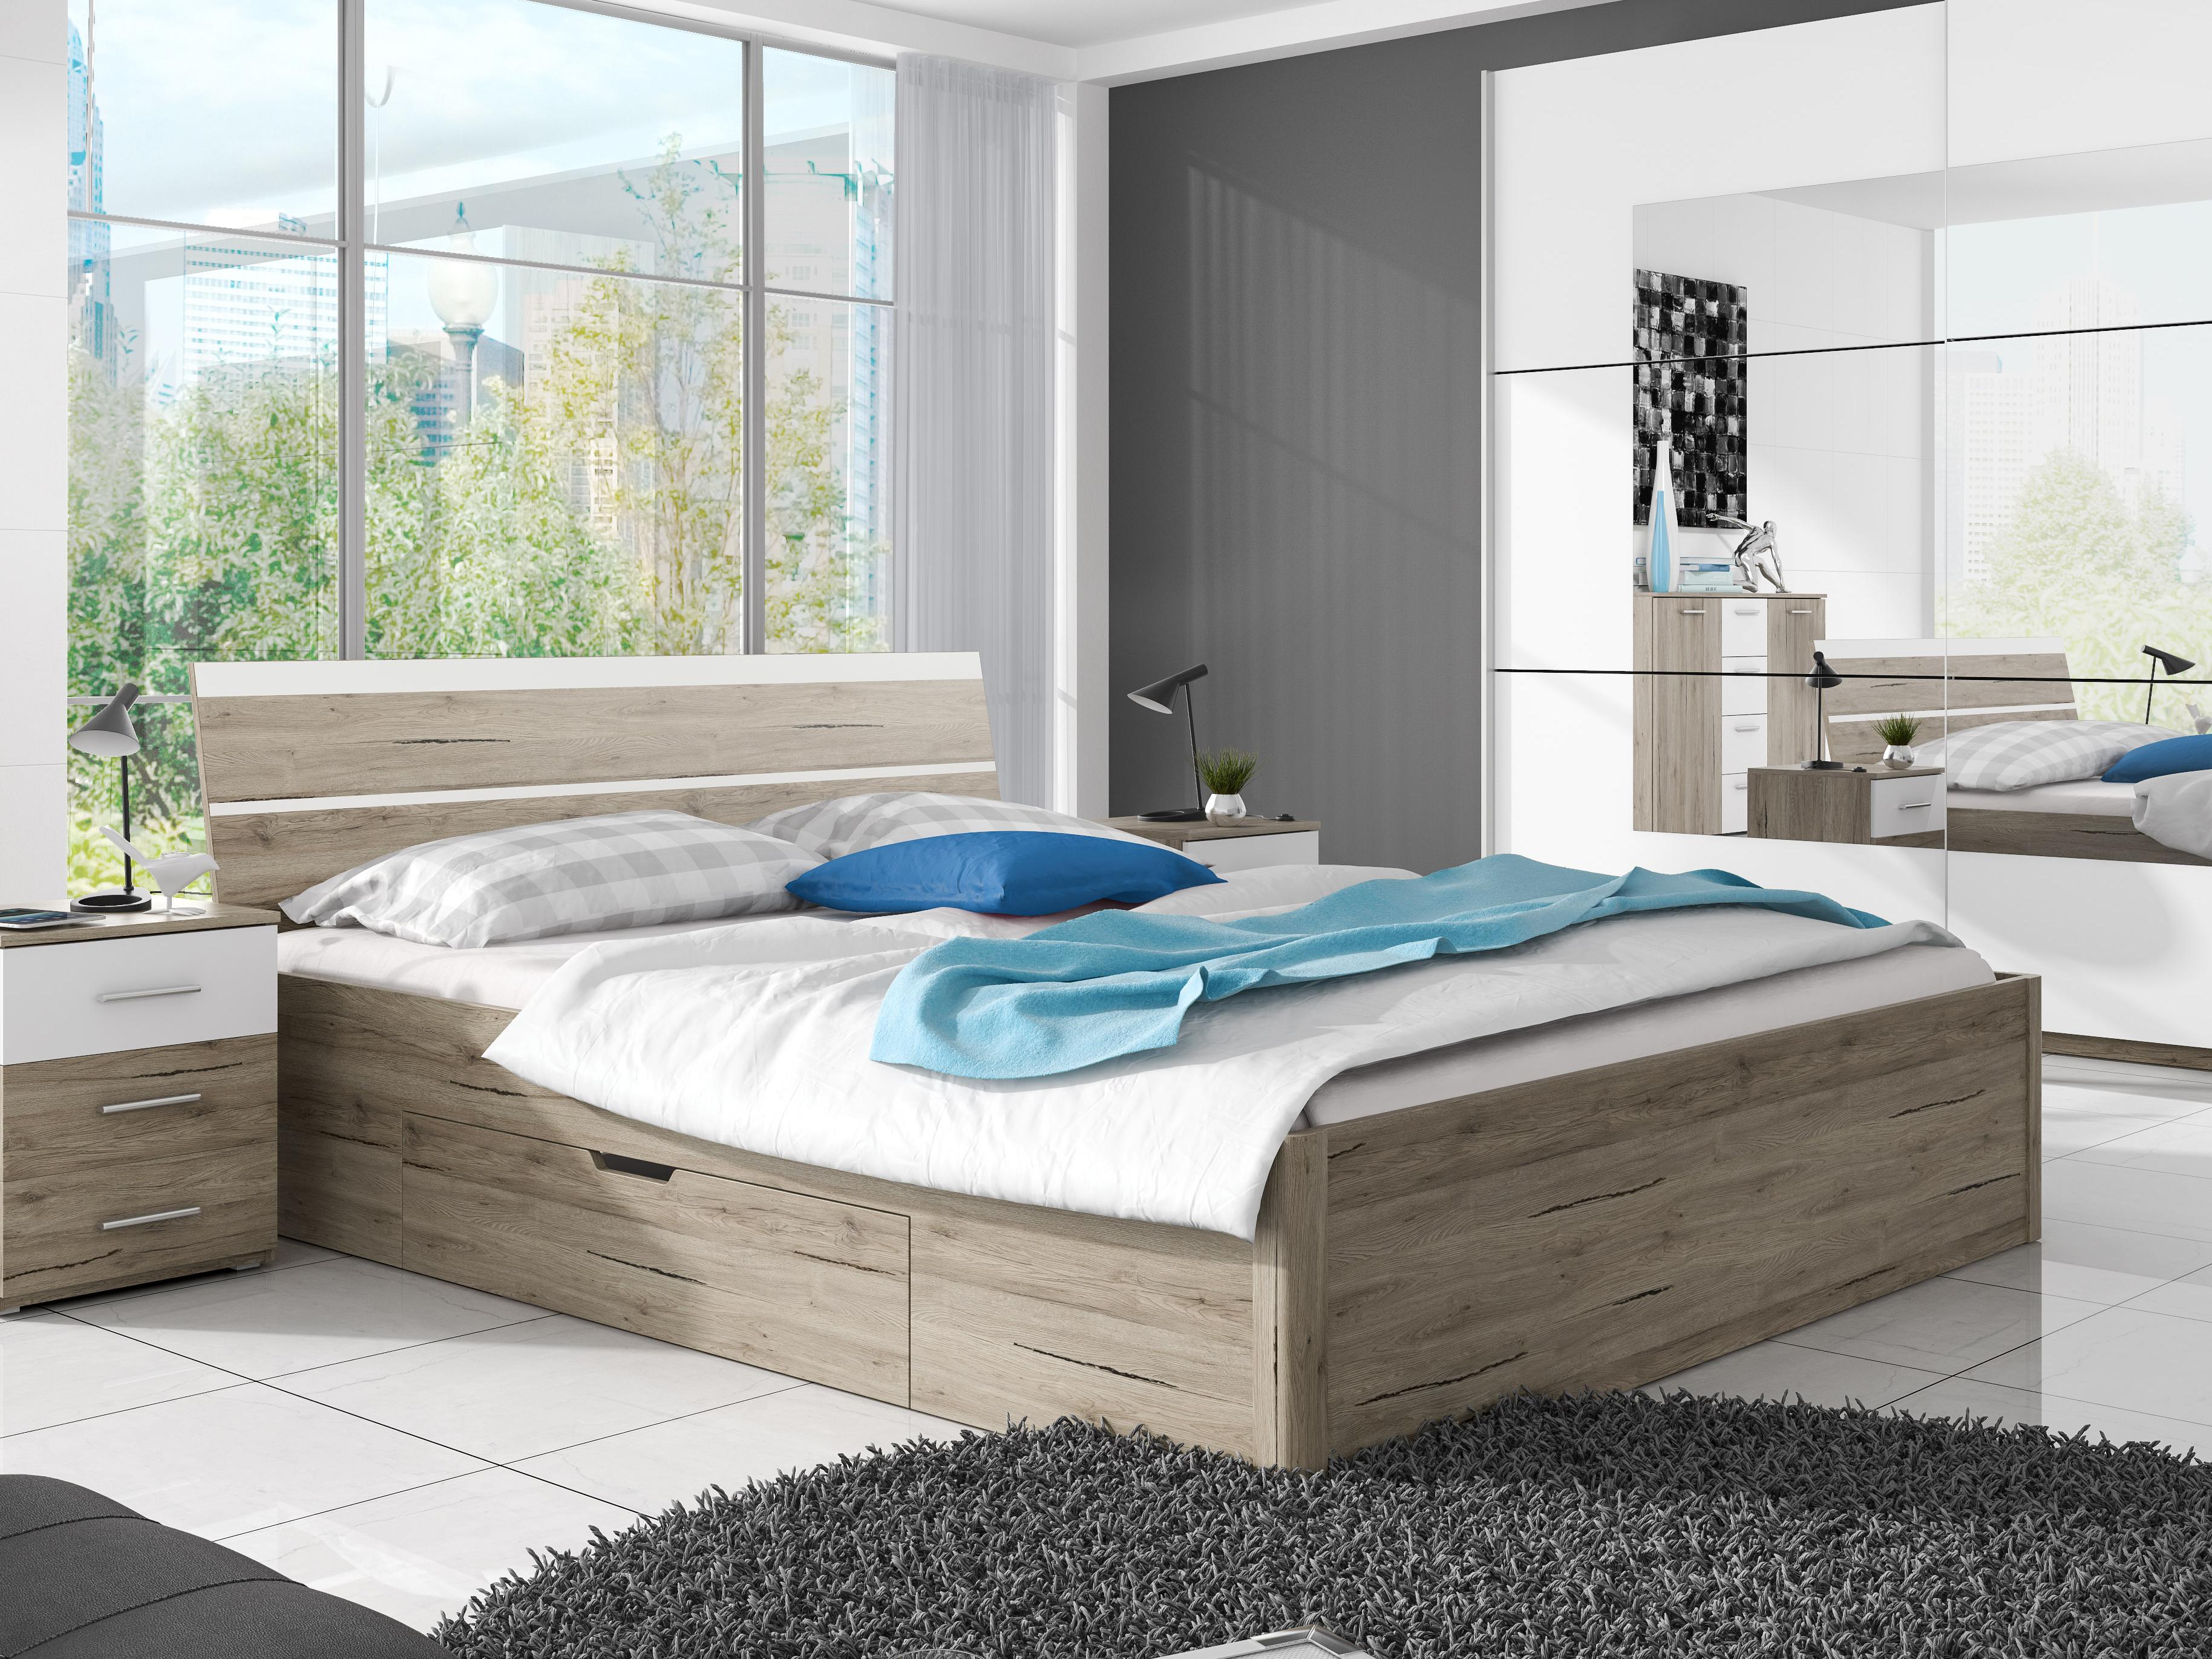 0d707efe9268 Manželská postel 180 cm - Benson - Typ 52 (san remo světlý + bílá)